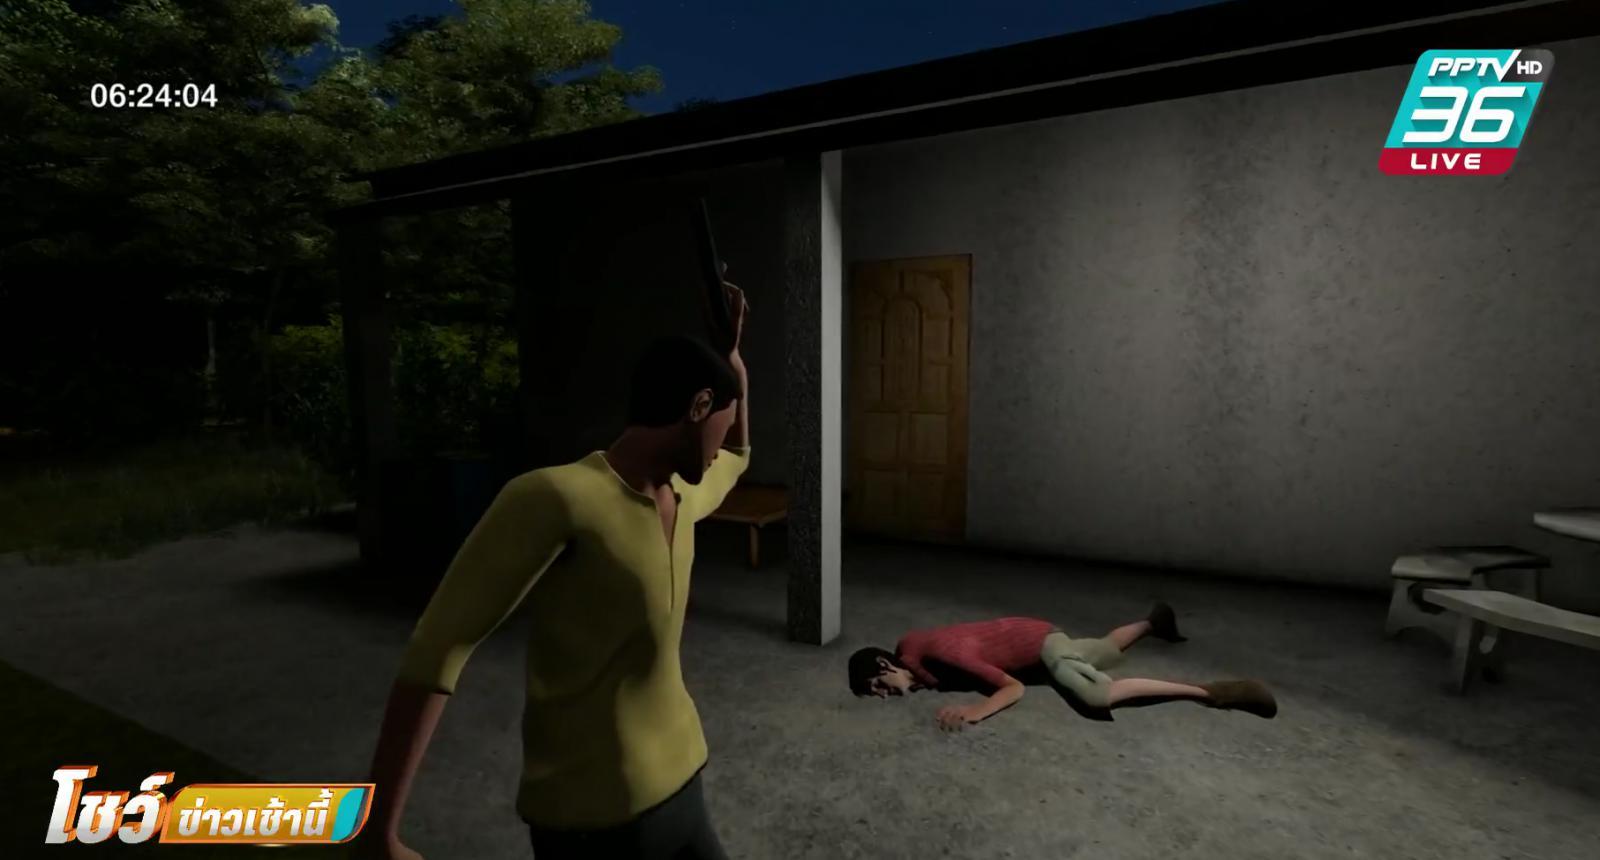 วัยรุ่นคว้าลูกซองยิงพ่อคู่อริดับคาบ้าน